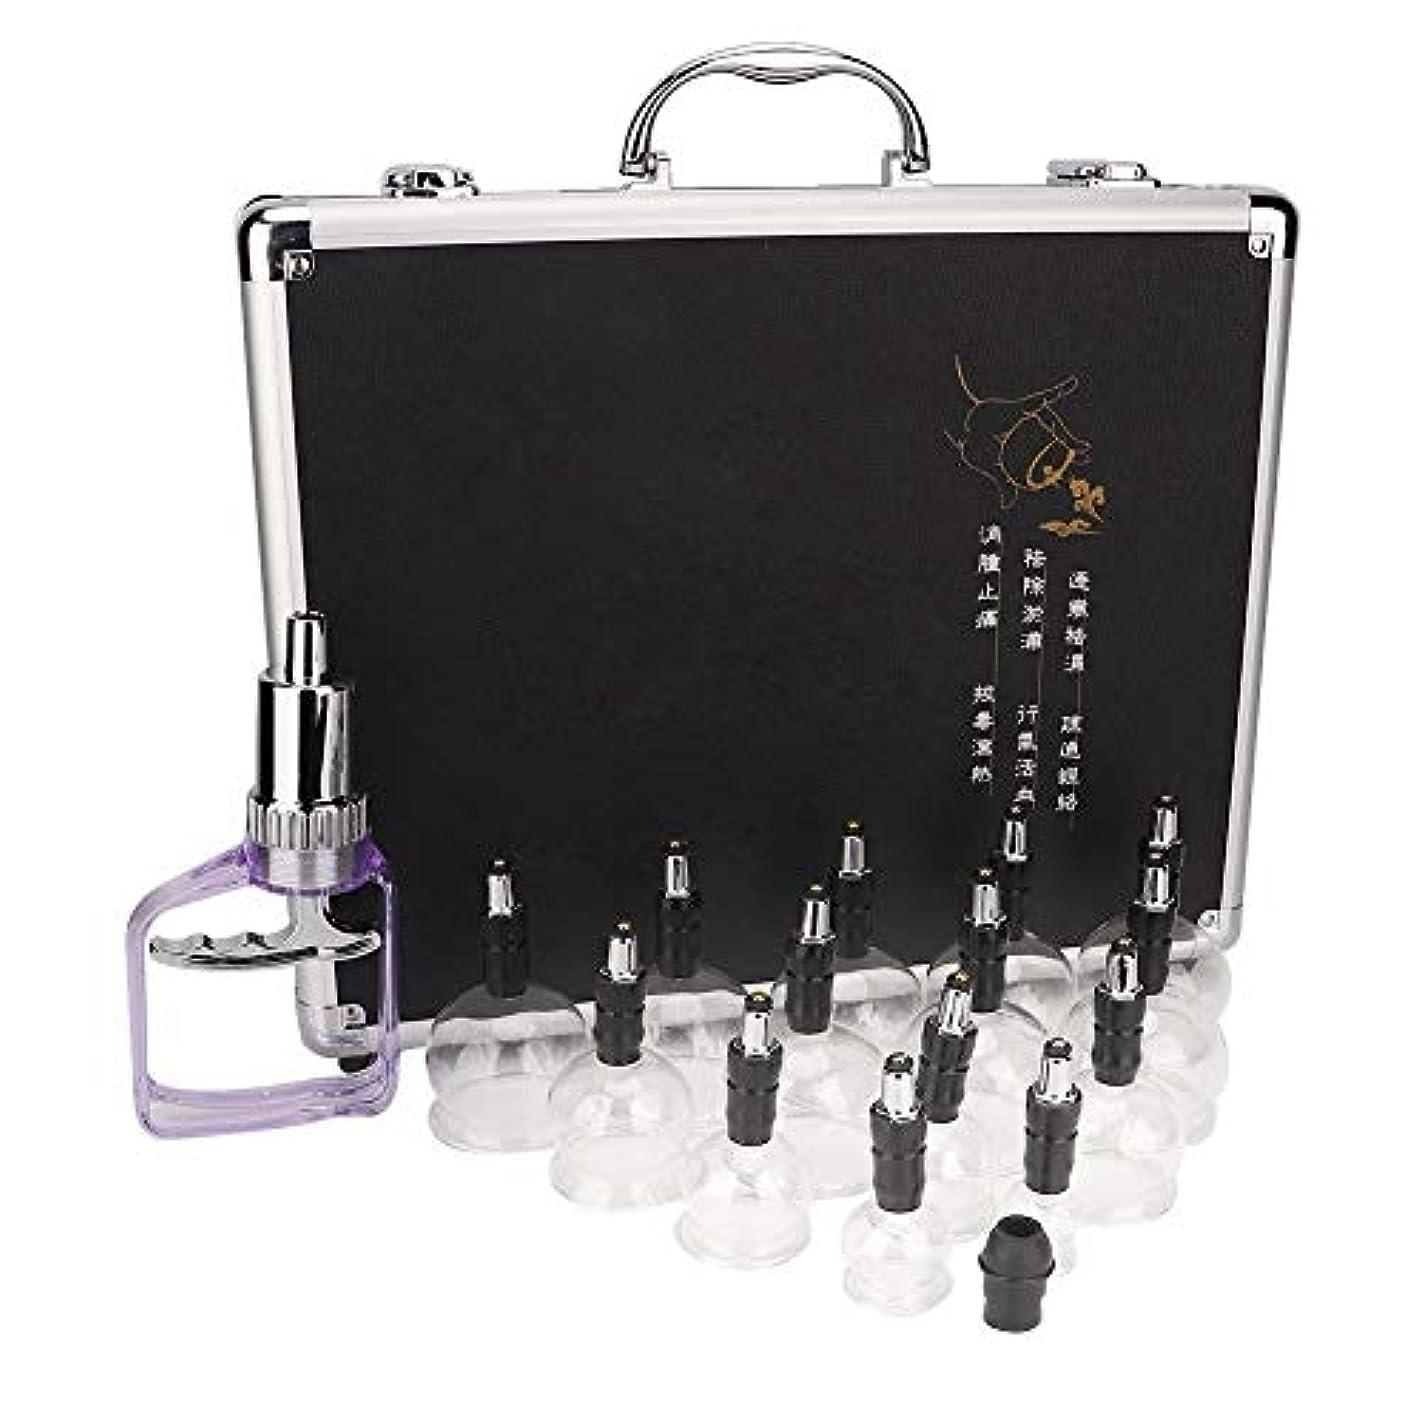 銅簡単な薬用14ピースプロフェッショナル吸引カップジャー真空カッピングセット、カッピングセットマッサージ療法マッサージカッピングツール